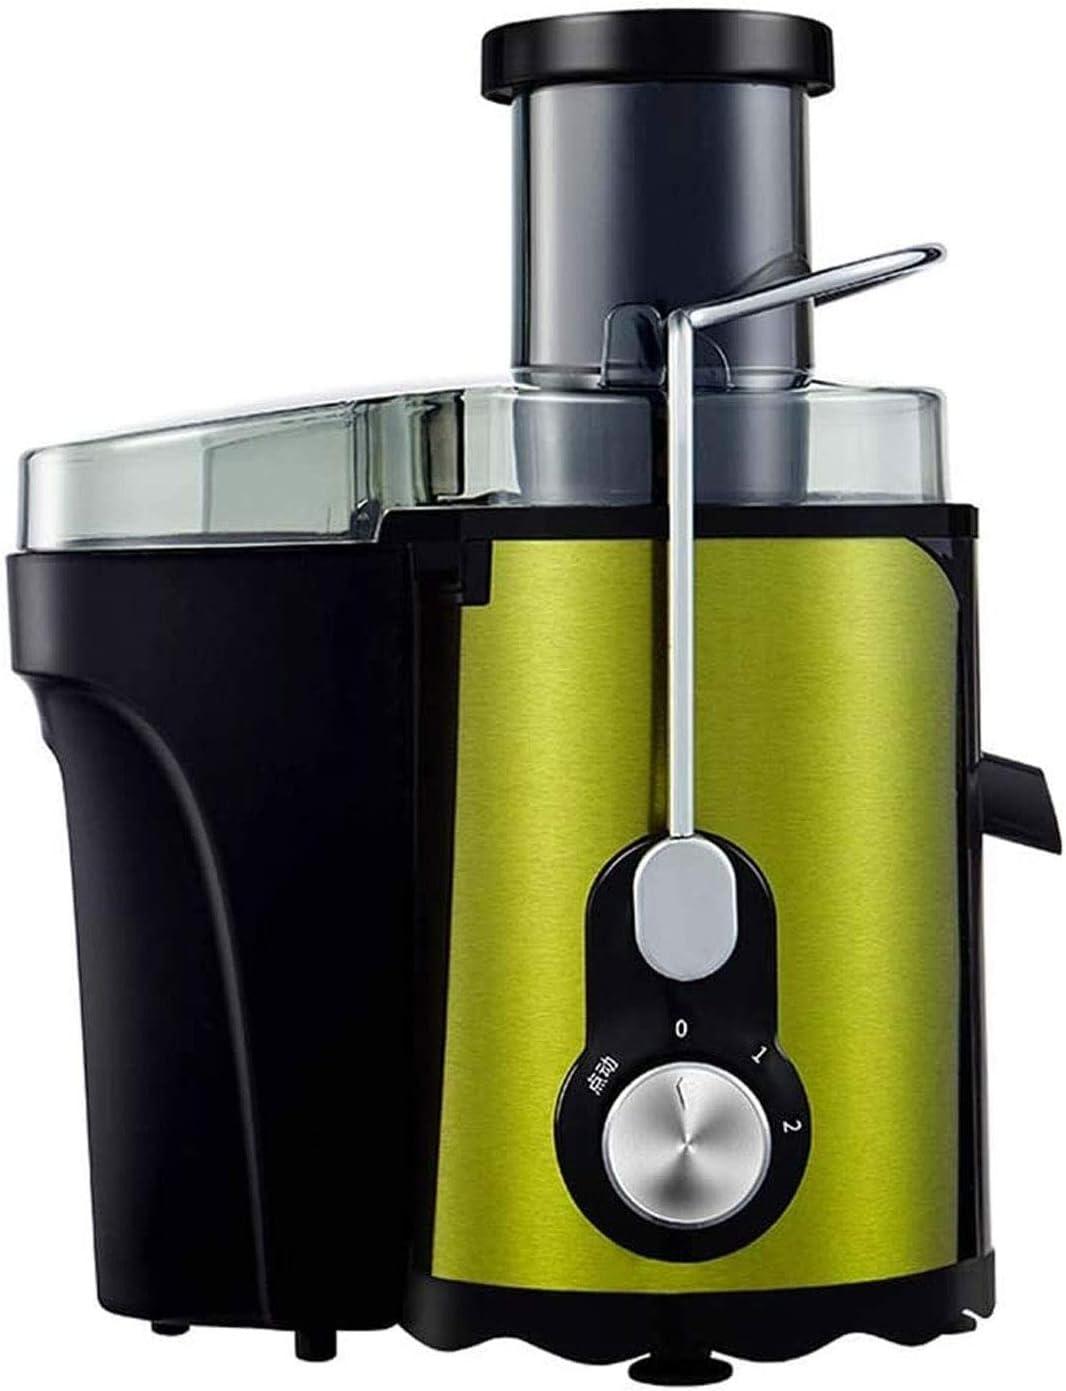 Adesign Juicer Máquinas Frutas y Vegetales Juicer Expacto Extractor Extractor Ancioso Exprimidor Centrífugo, Easy Clean Juicer, Acero Inoxidable, BPA-Free